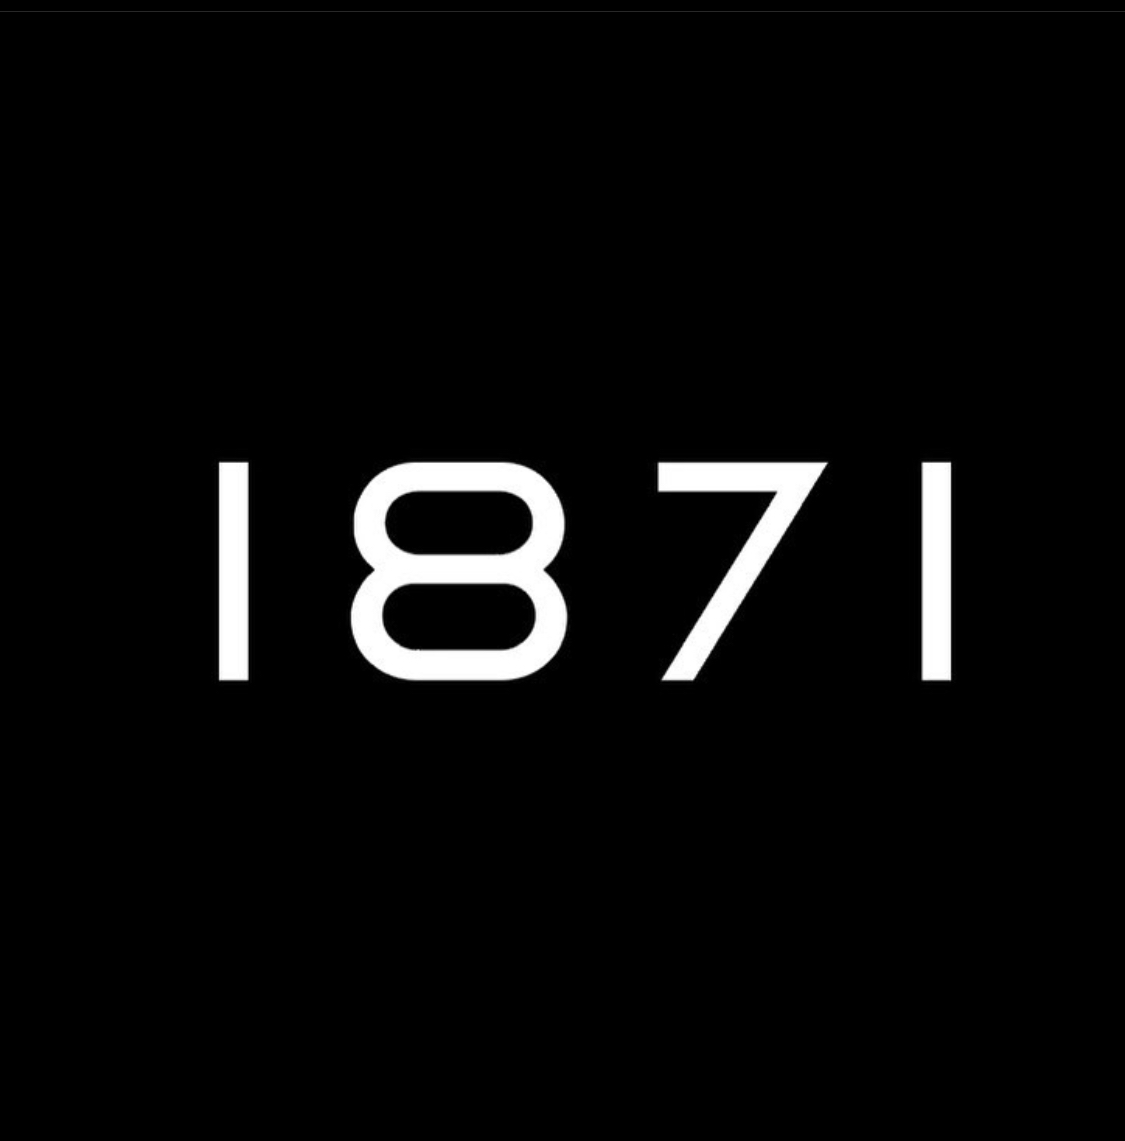 Logo de l'entreprise 1871